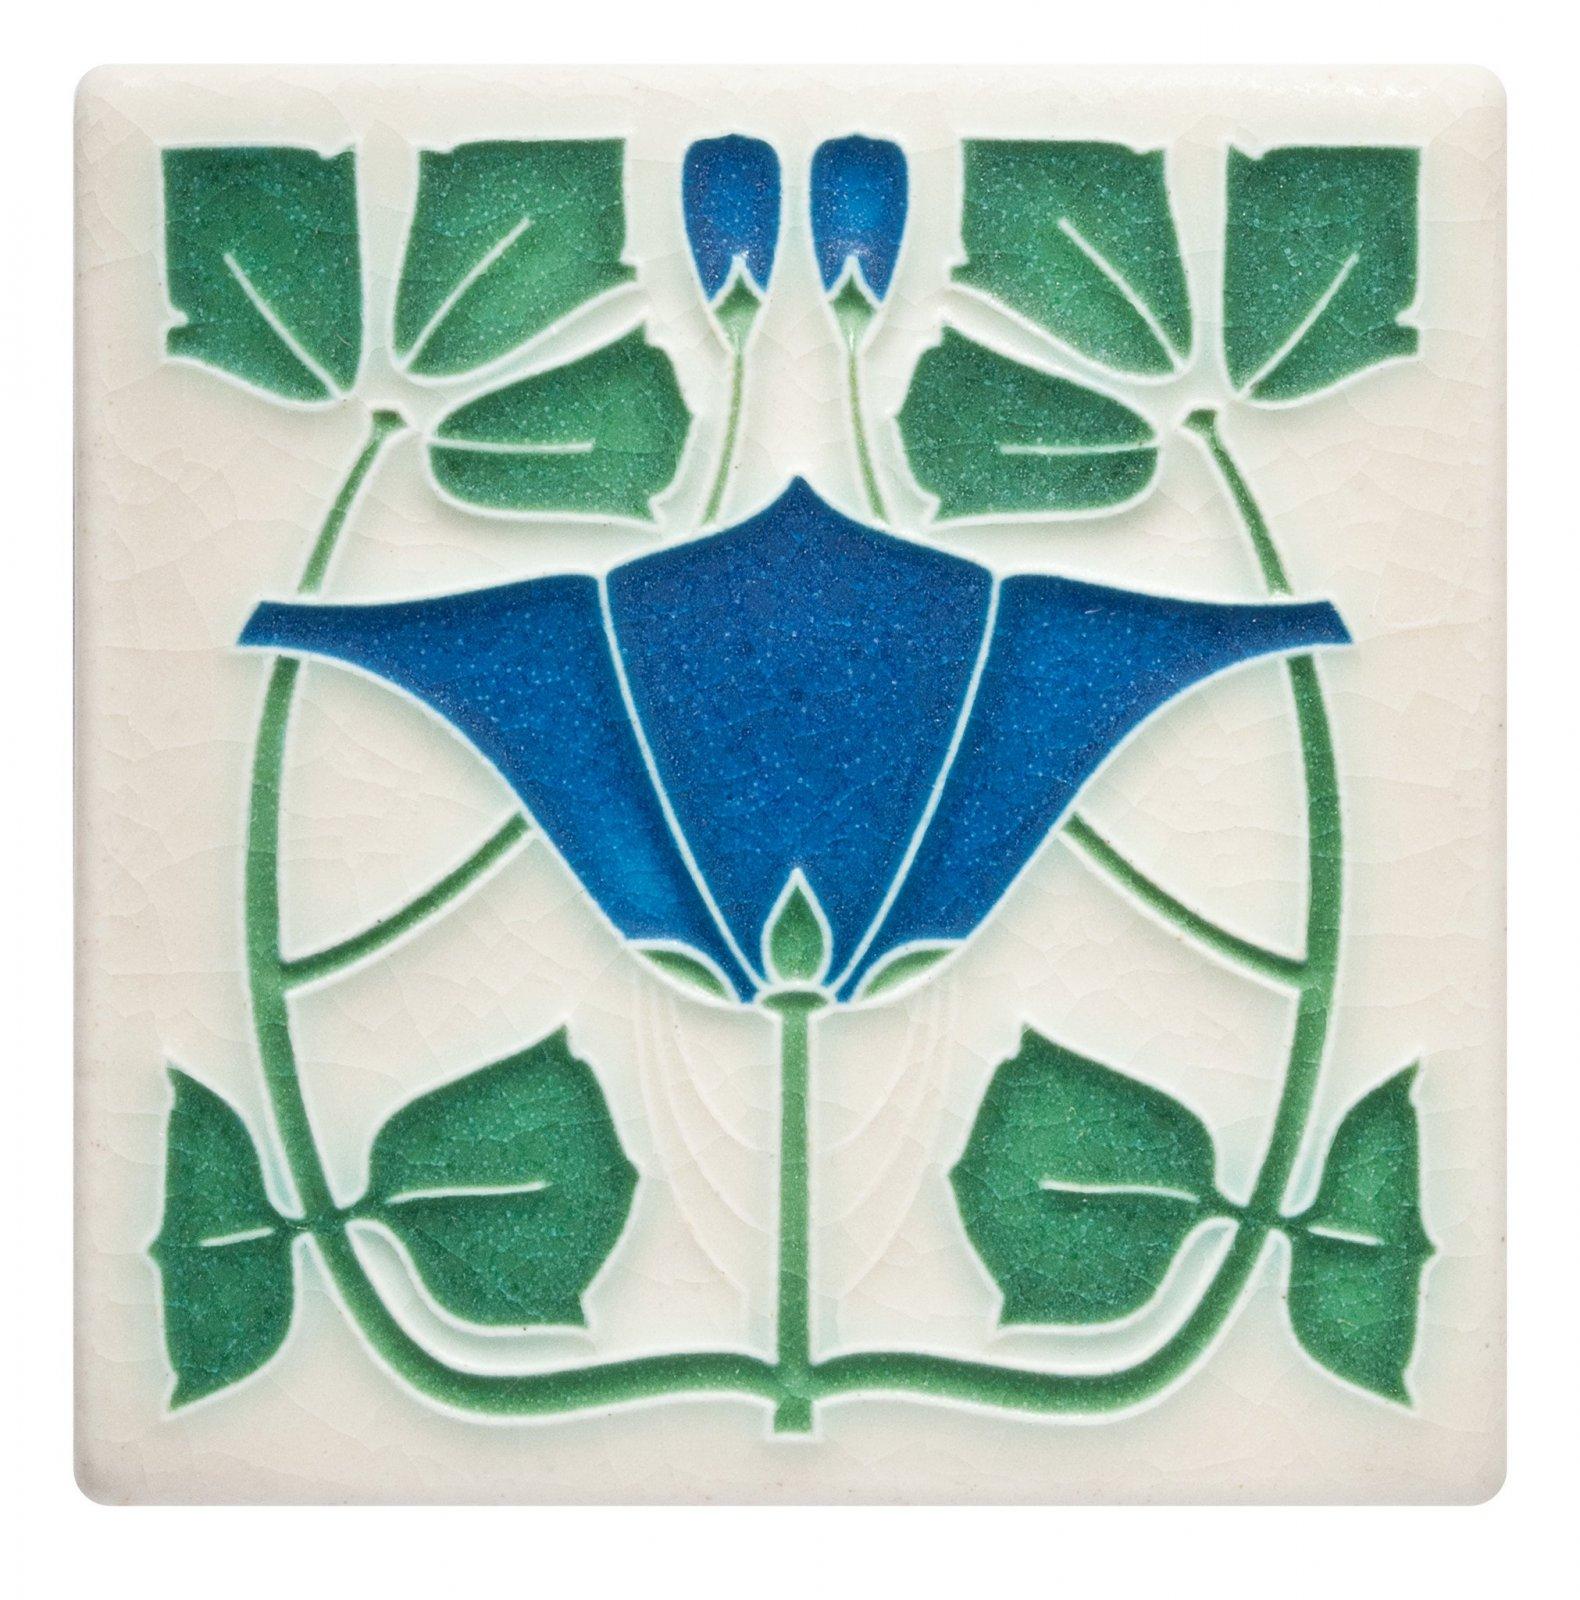 Lizzie 4x4 Tile in Blue